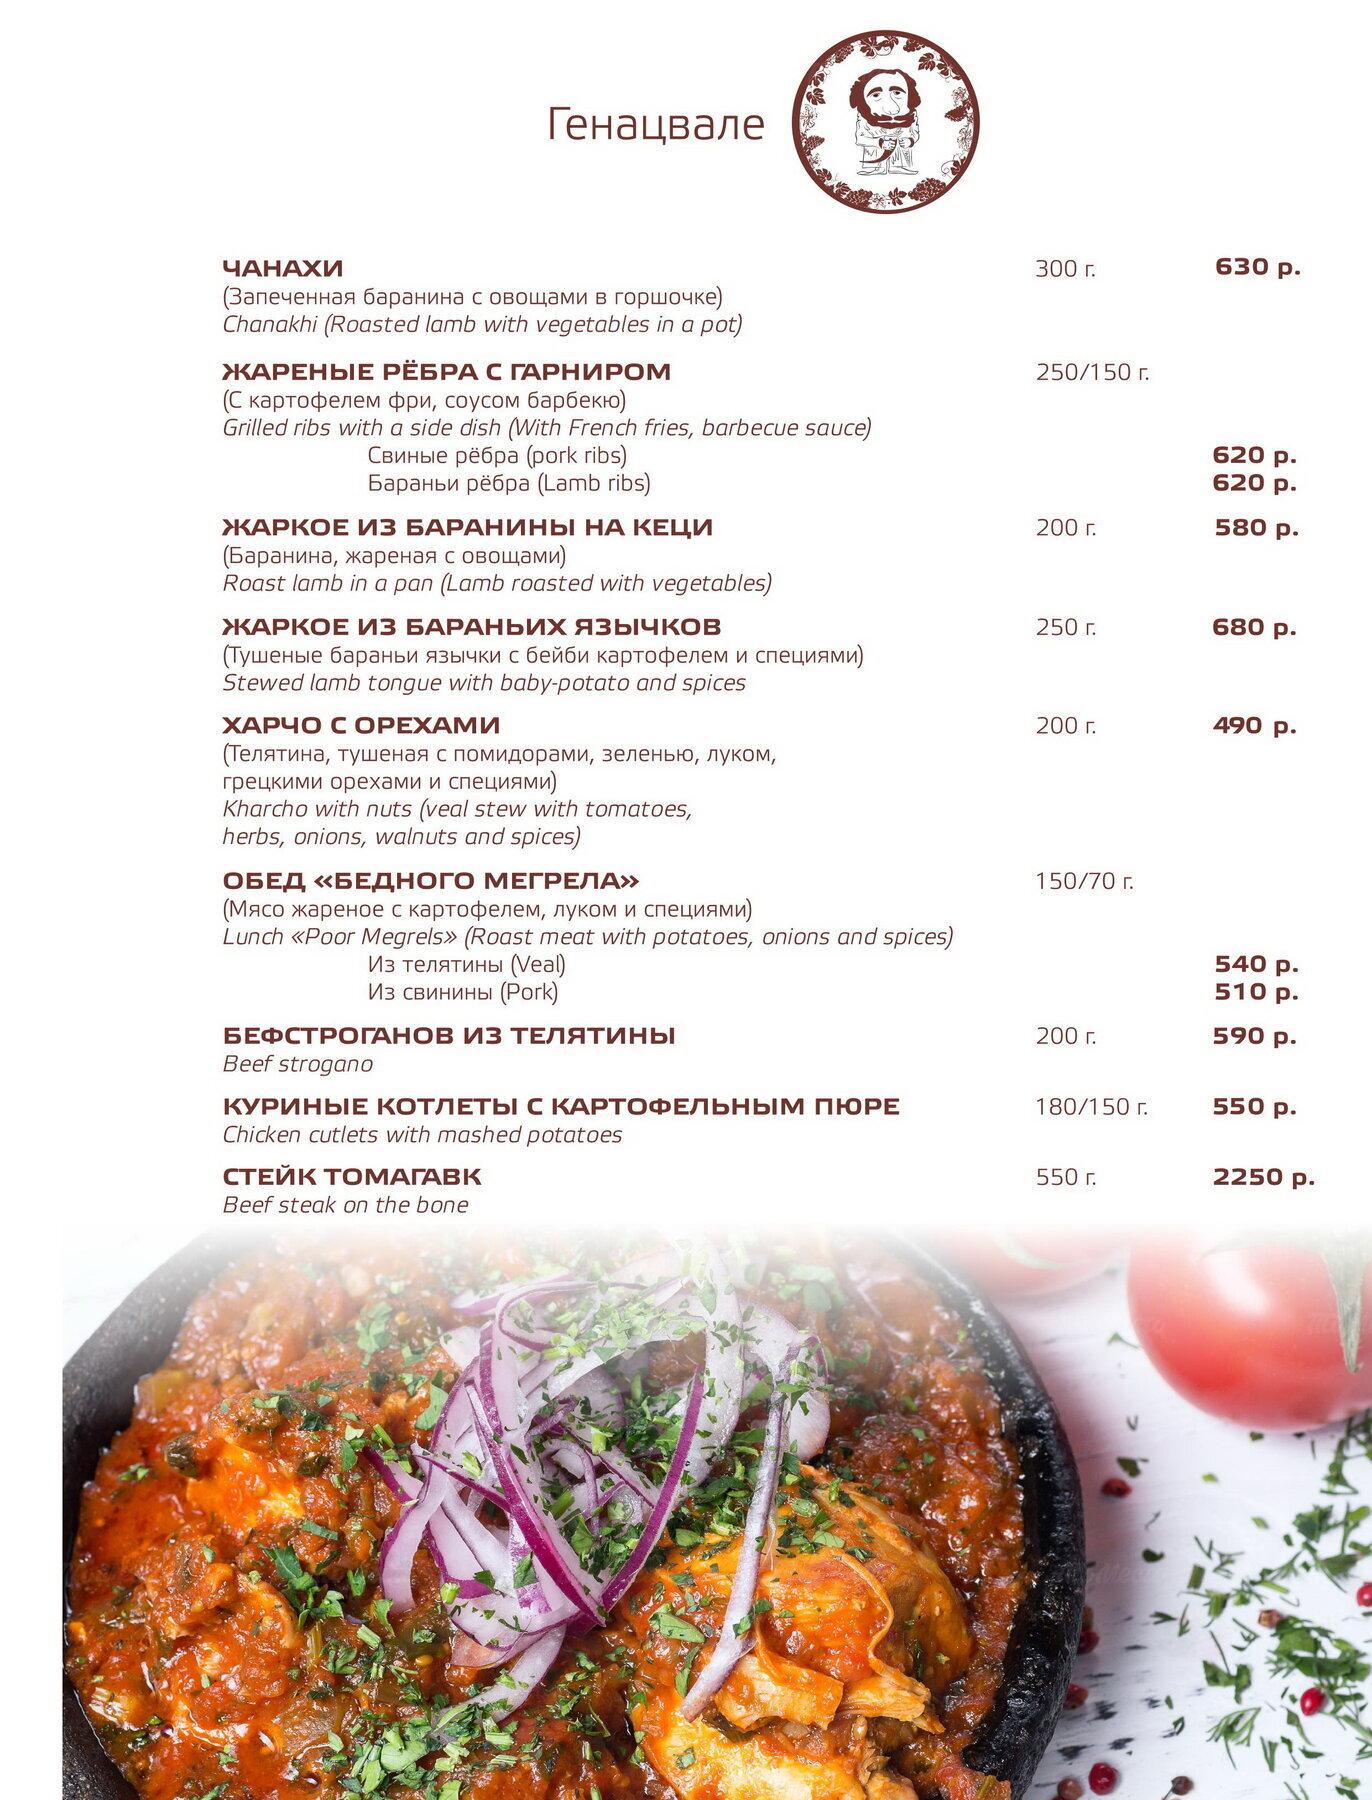 Меню ресторана Генацвале VIP на улице Остоженка фото 12